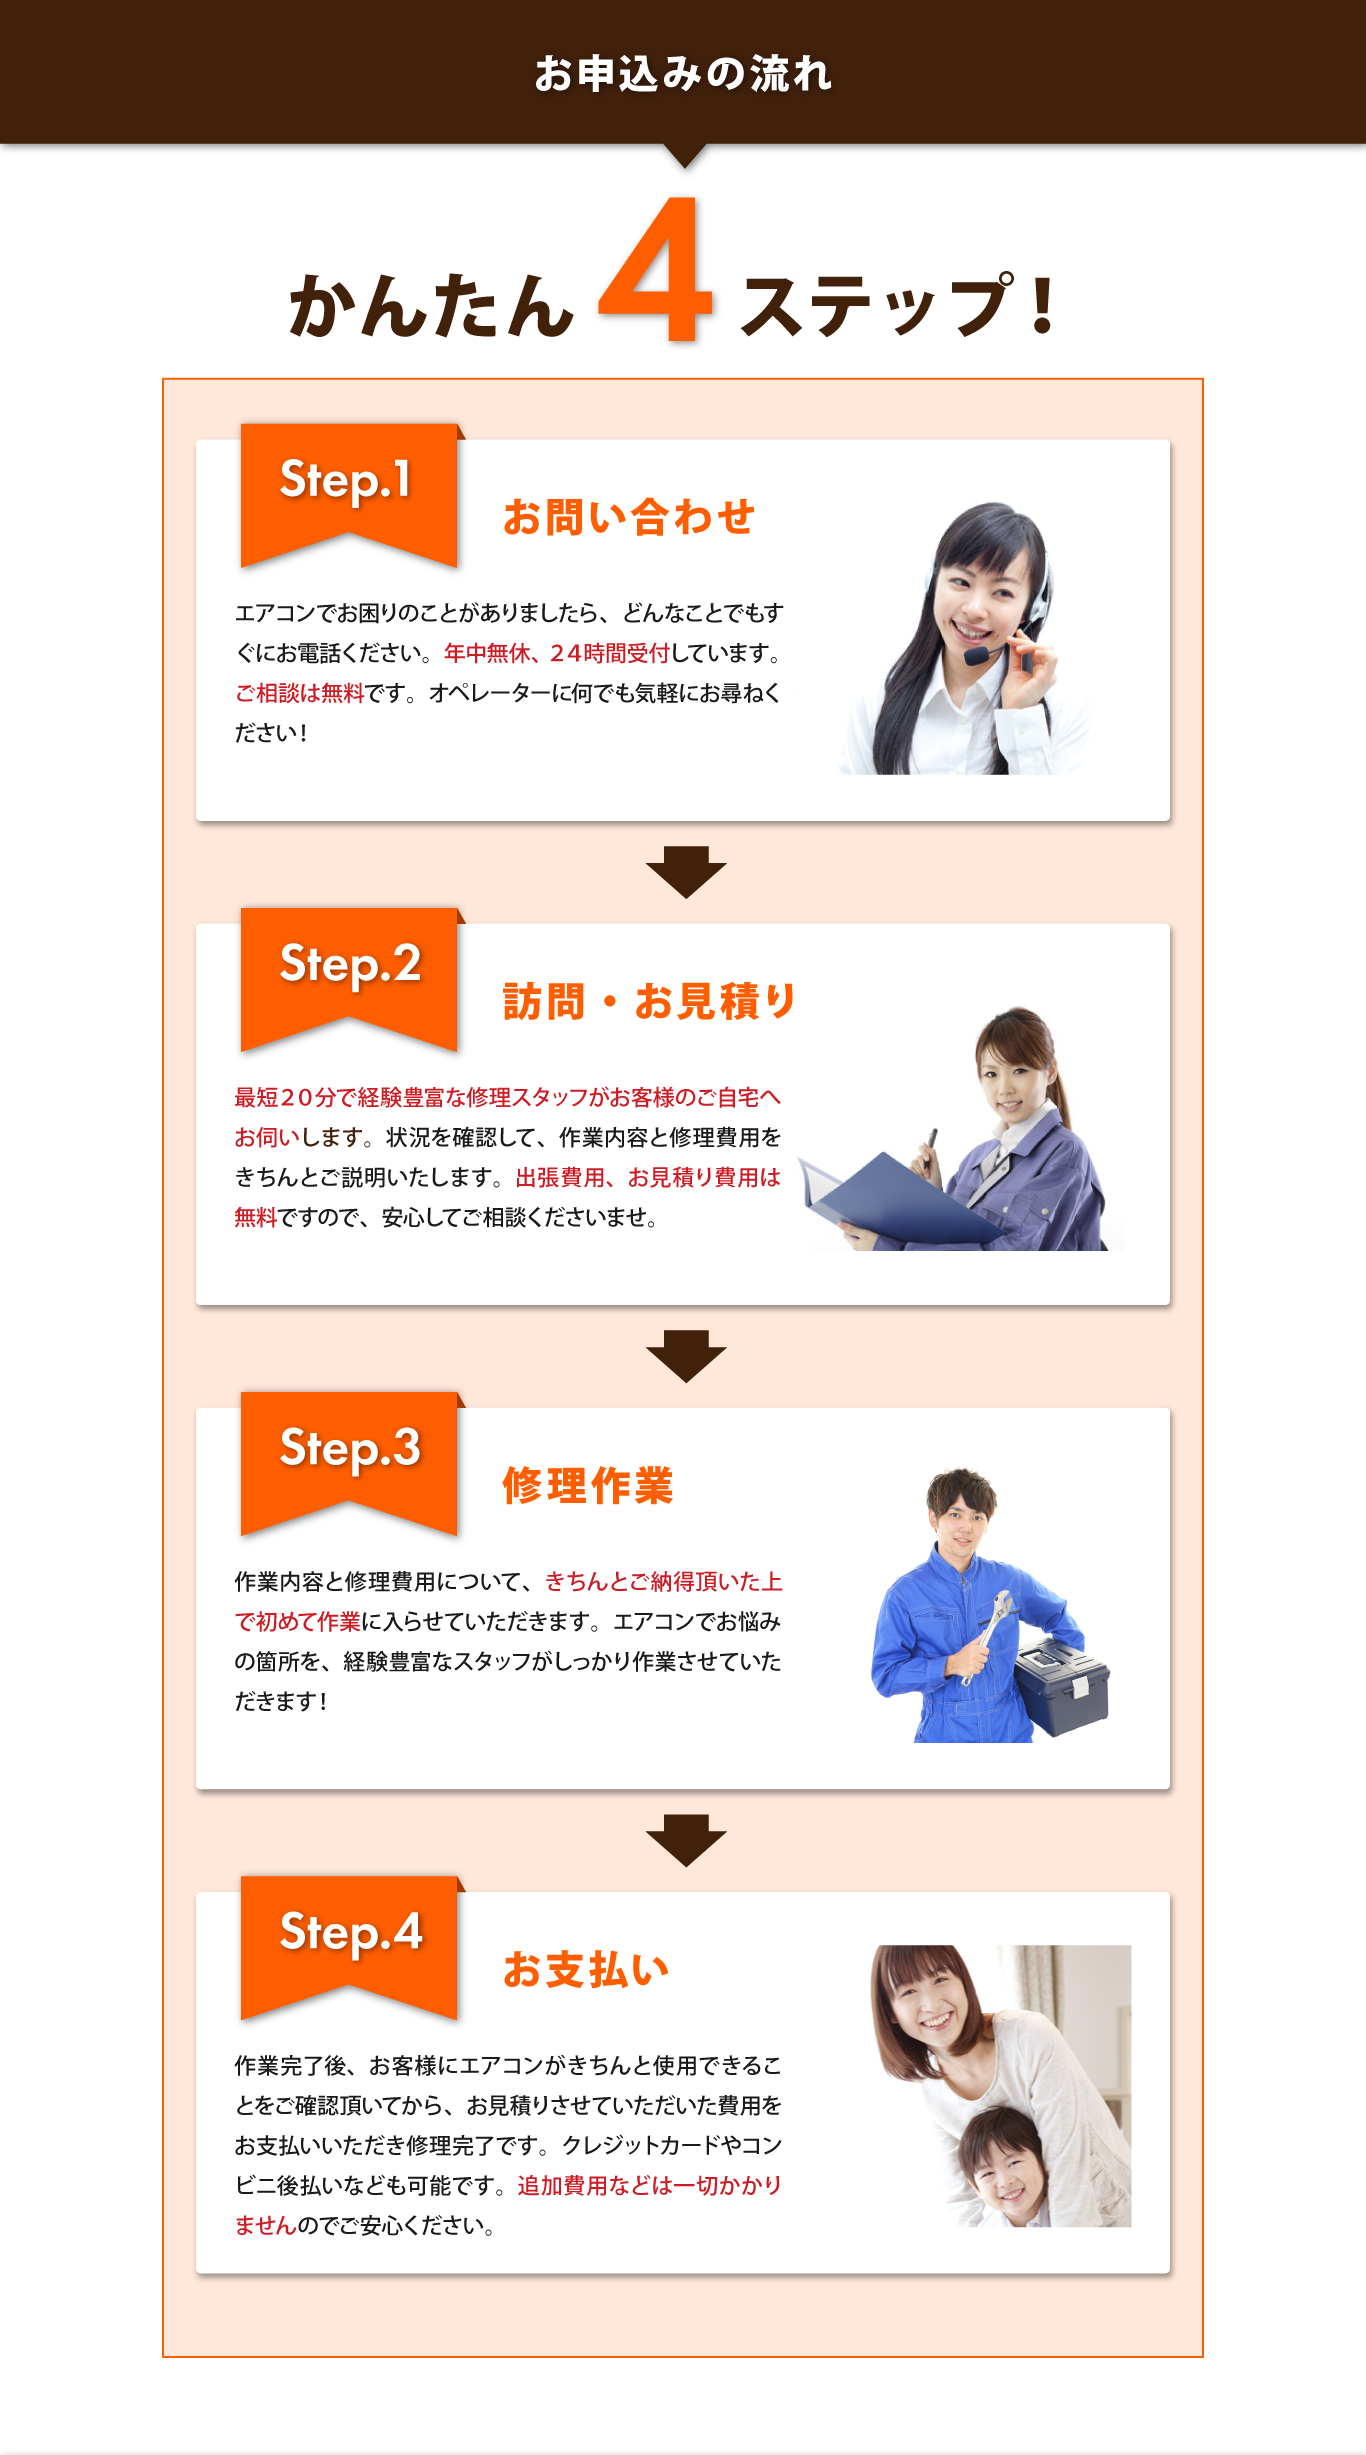 大阪京都兵庫奈良のエアコン修理。お申込みの流れは、お問い合わせ、訪問お見積り、エアコン修理作業、エアコンの動作確認後のお支払いとなります